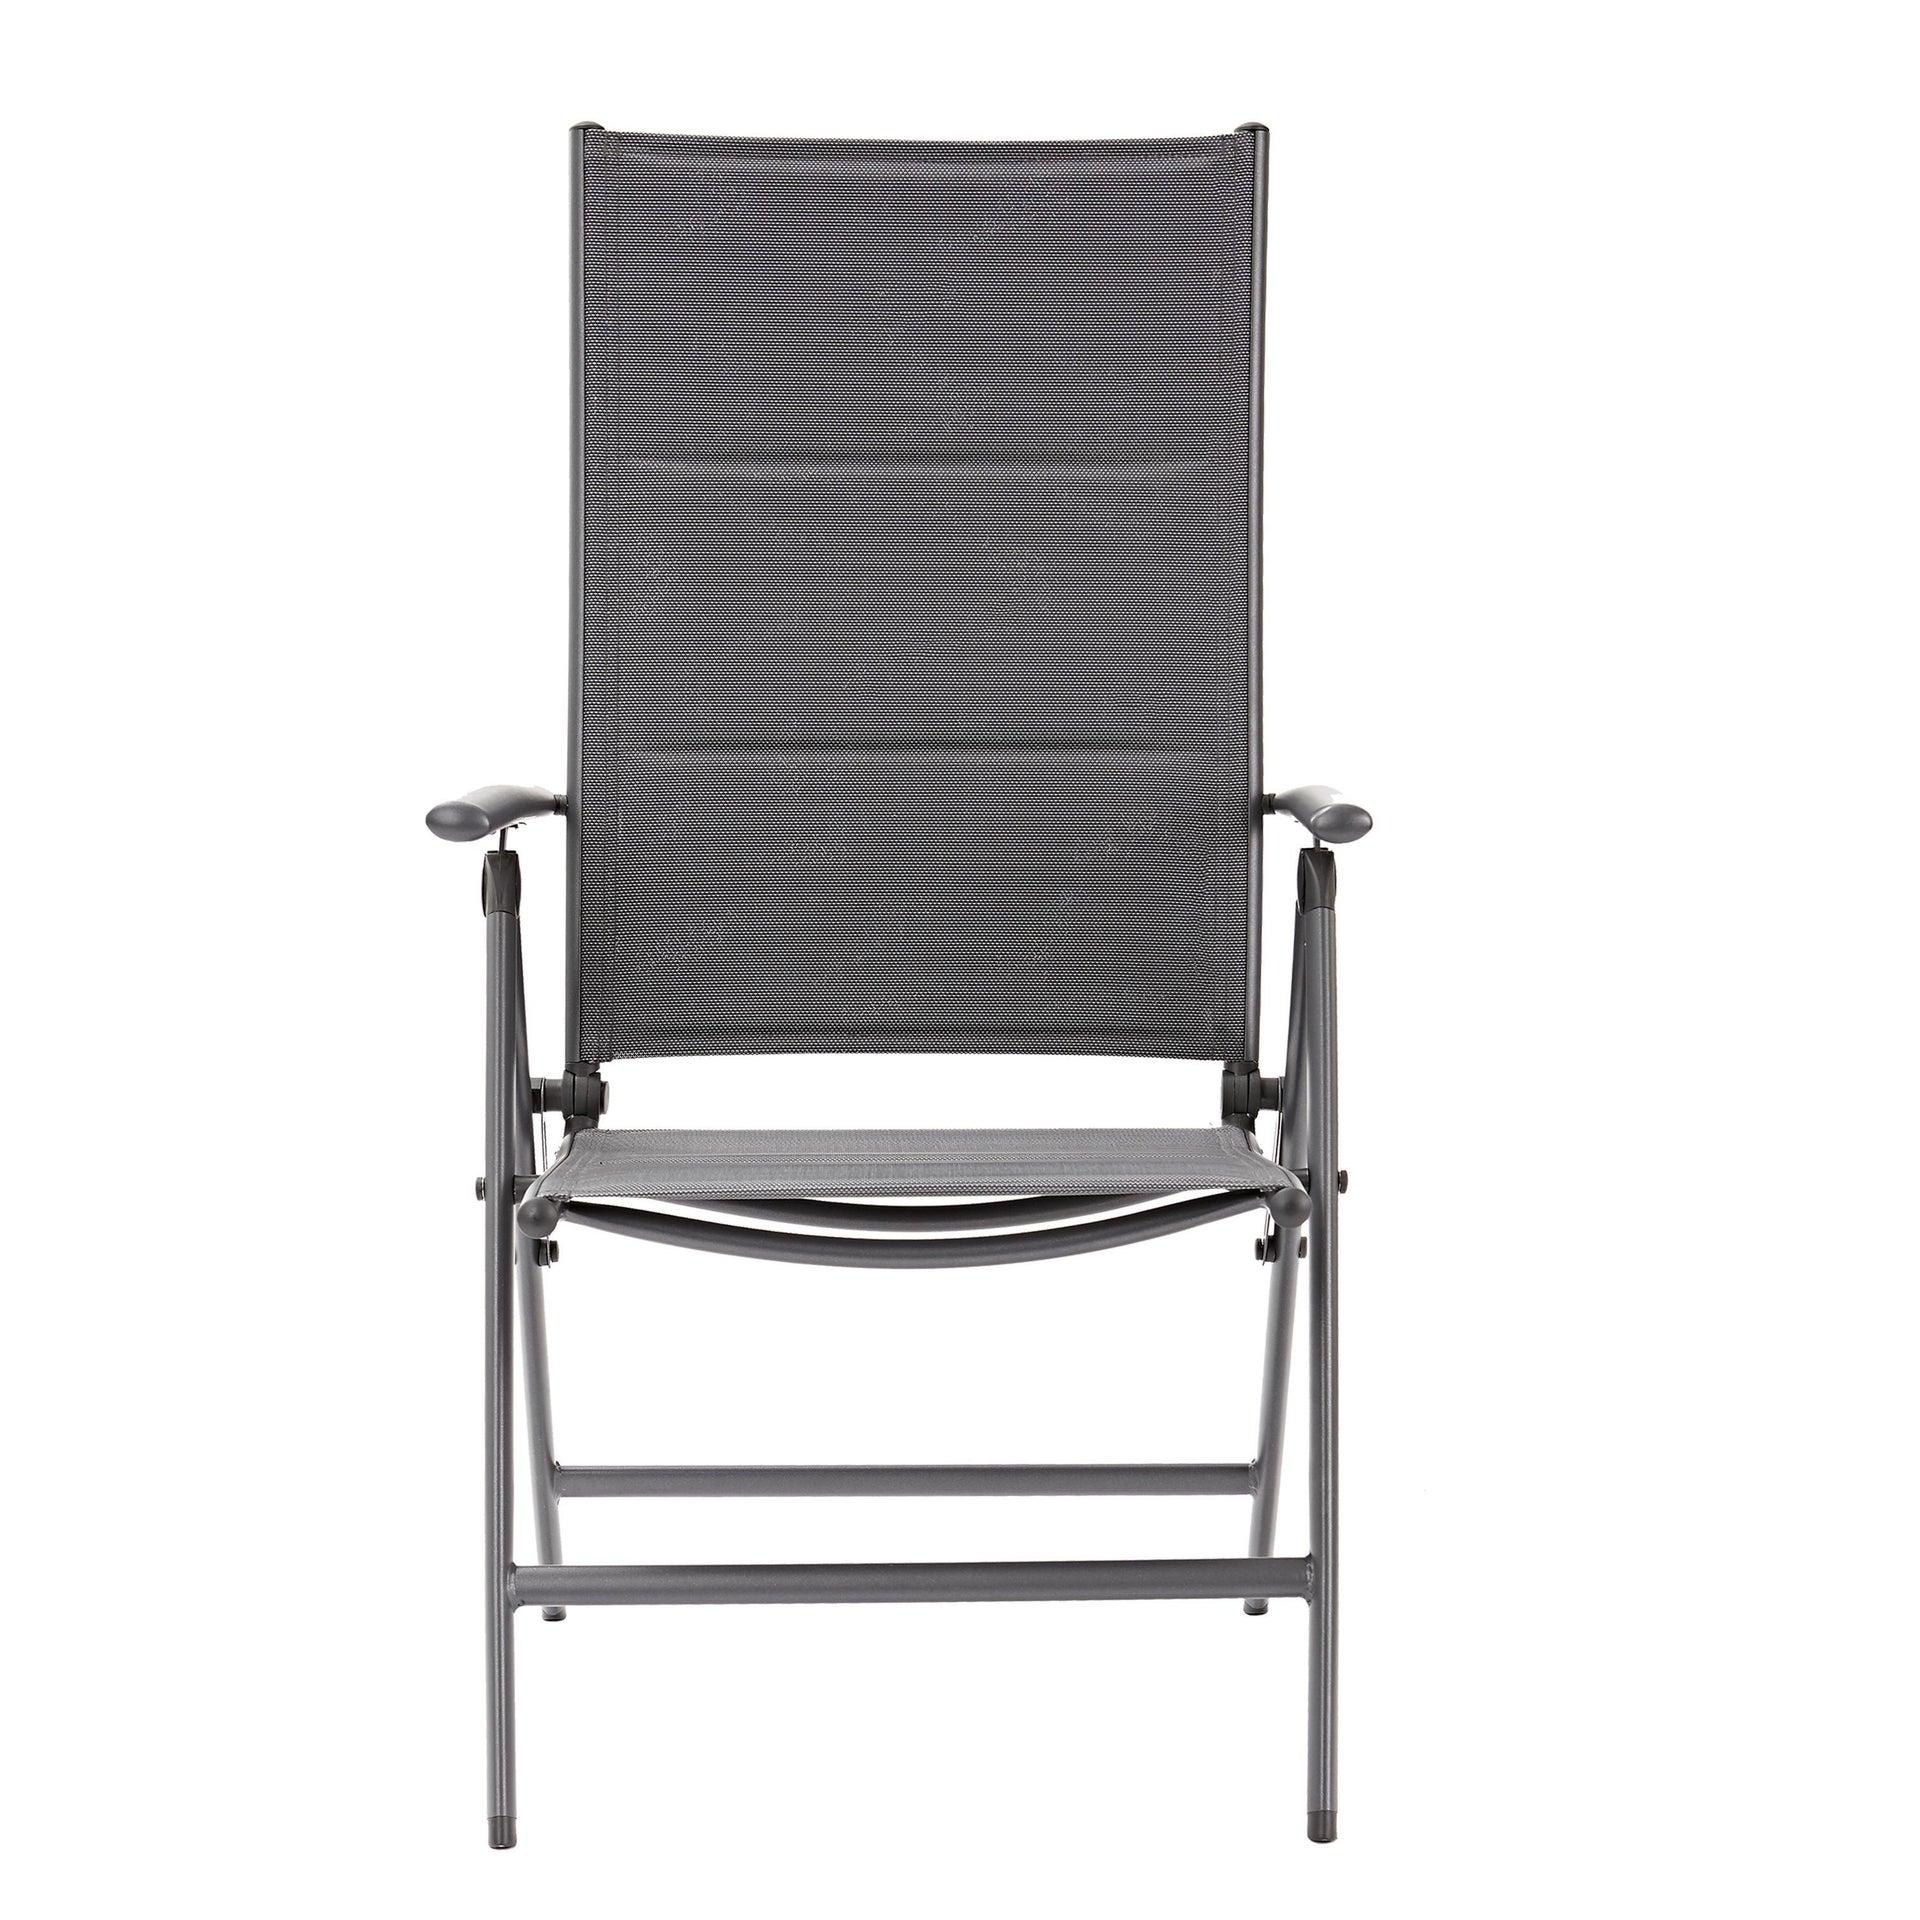 Sedia con braccioli senza cuscino pieghevole in alluminio Orion NATERIAL colore antracite - 10